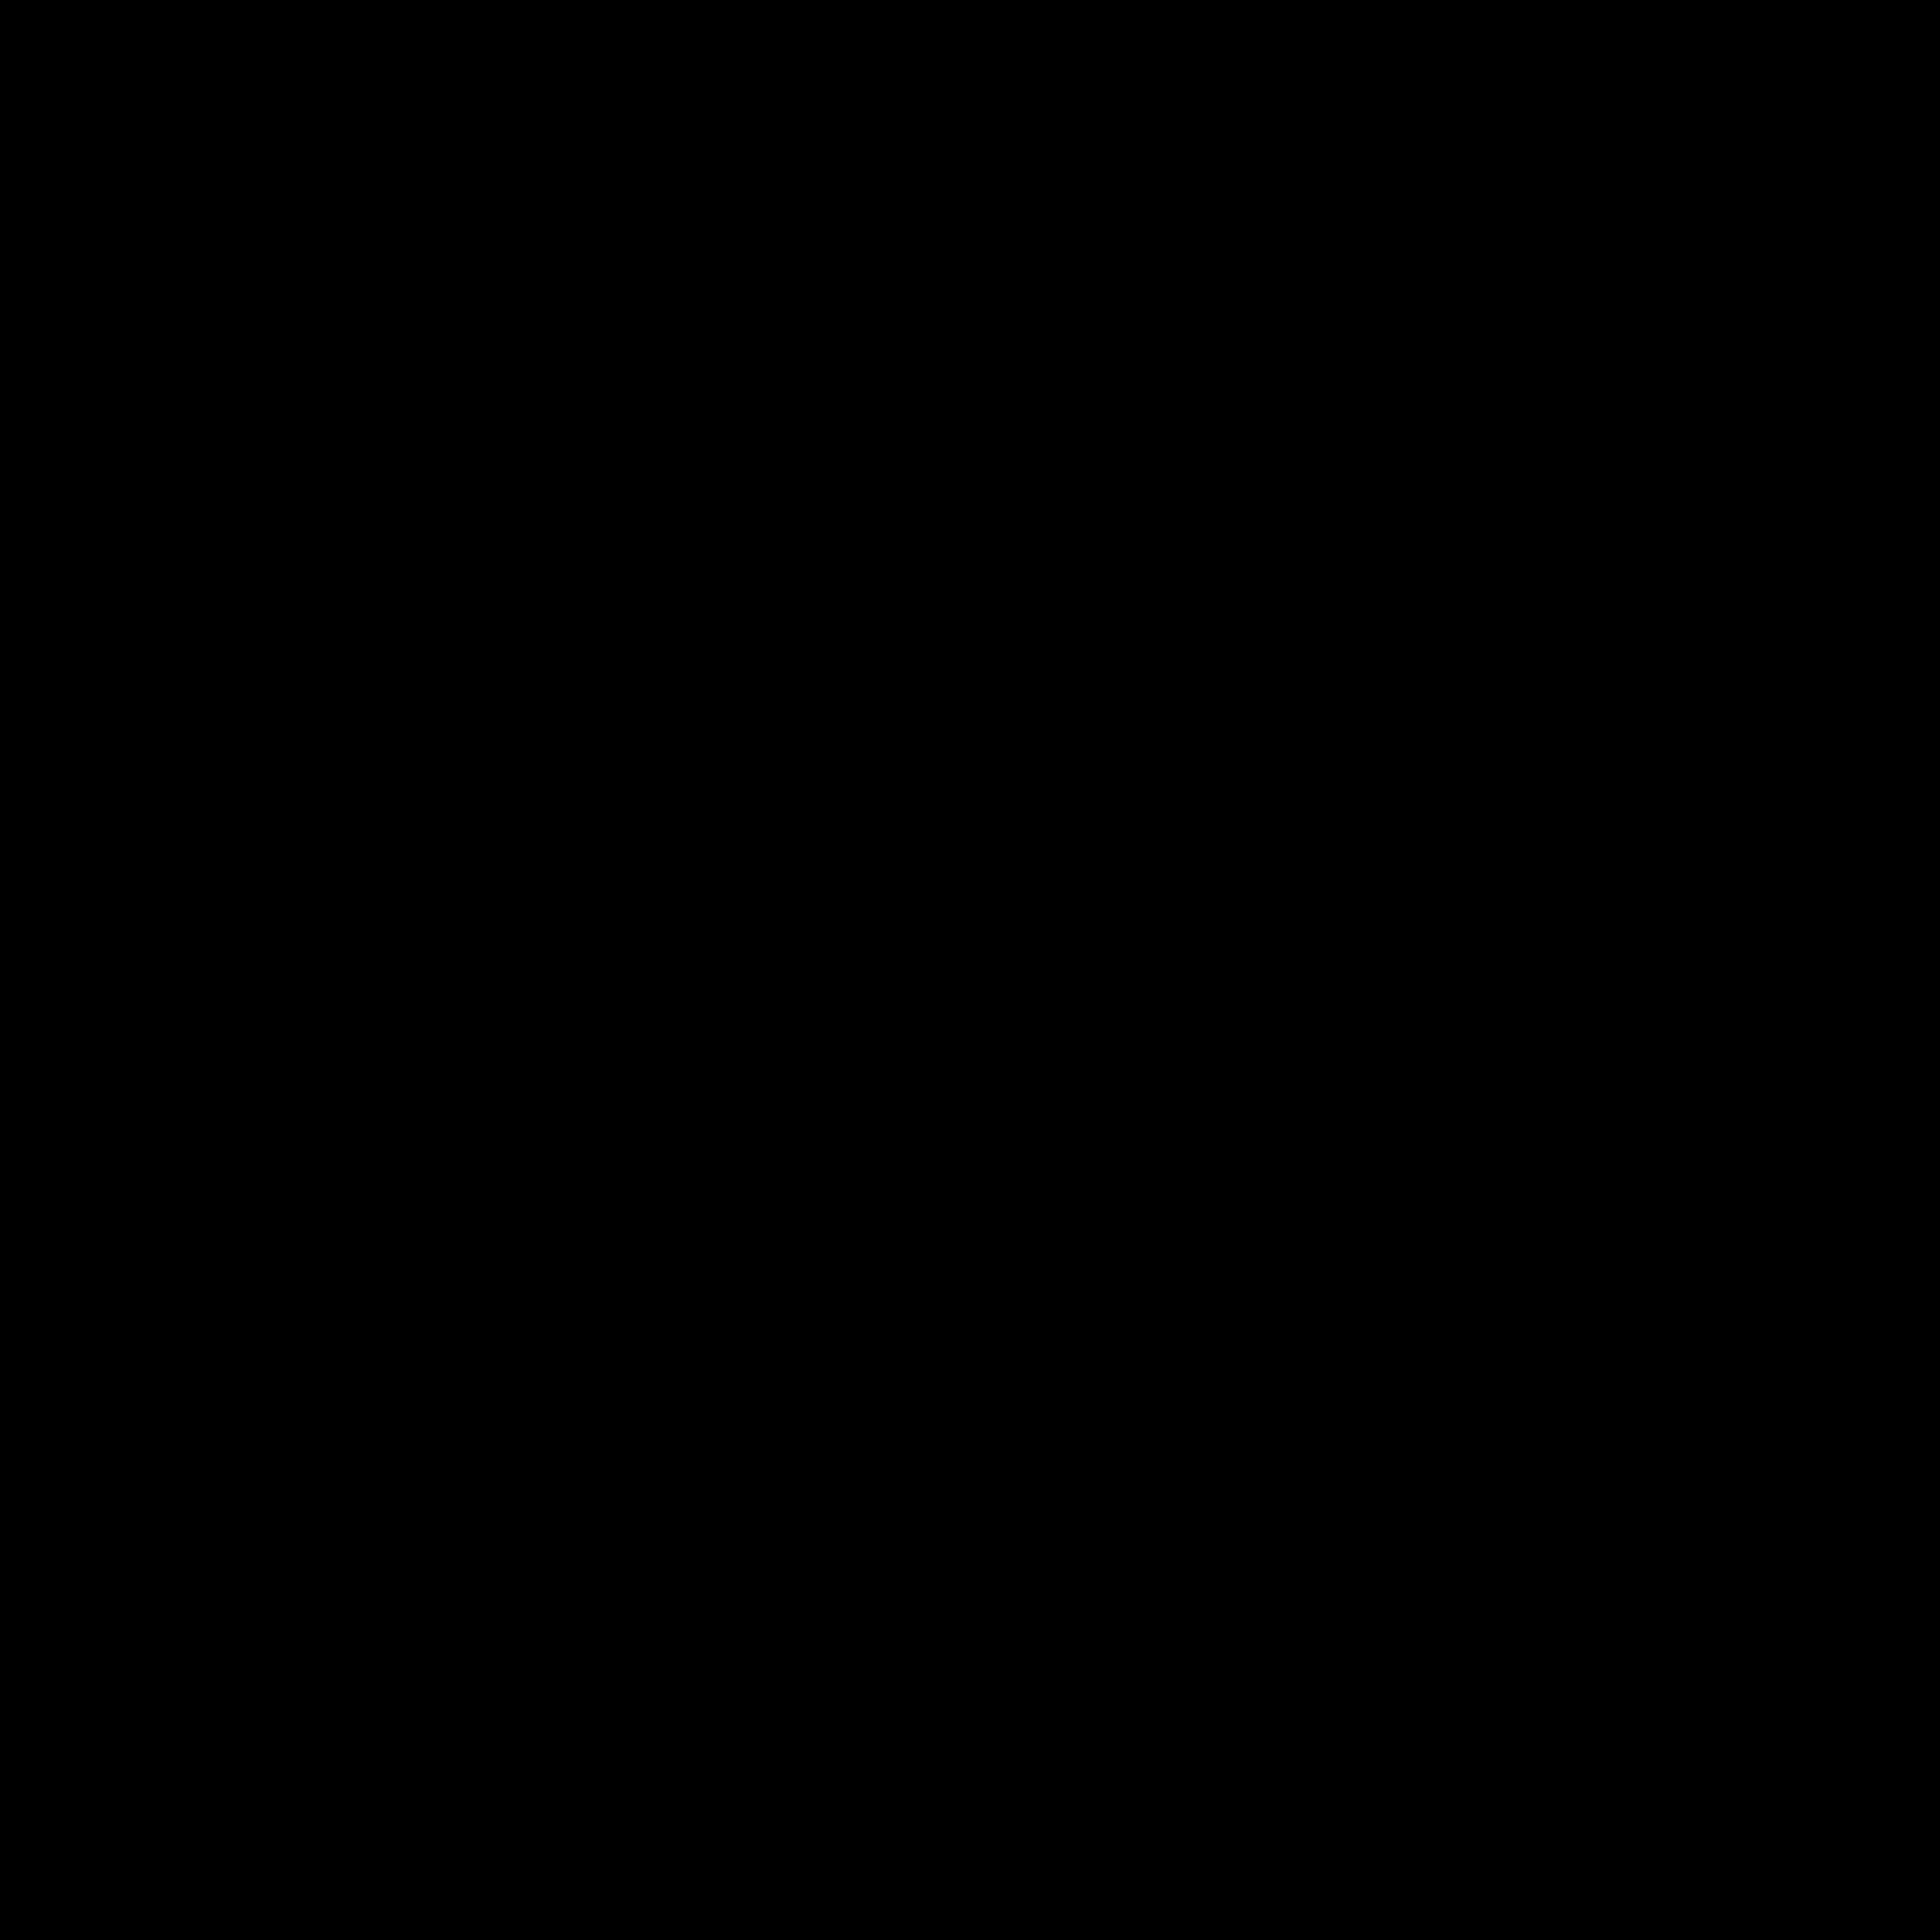 Pattern clipart polka dot Black Dots Art Polka White